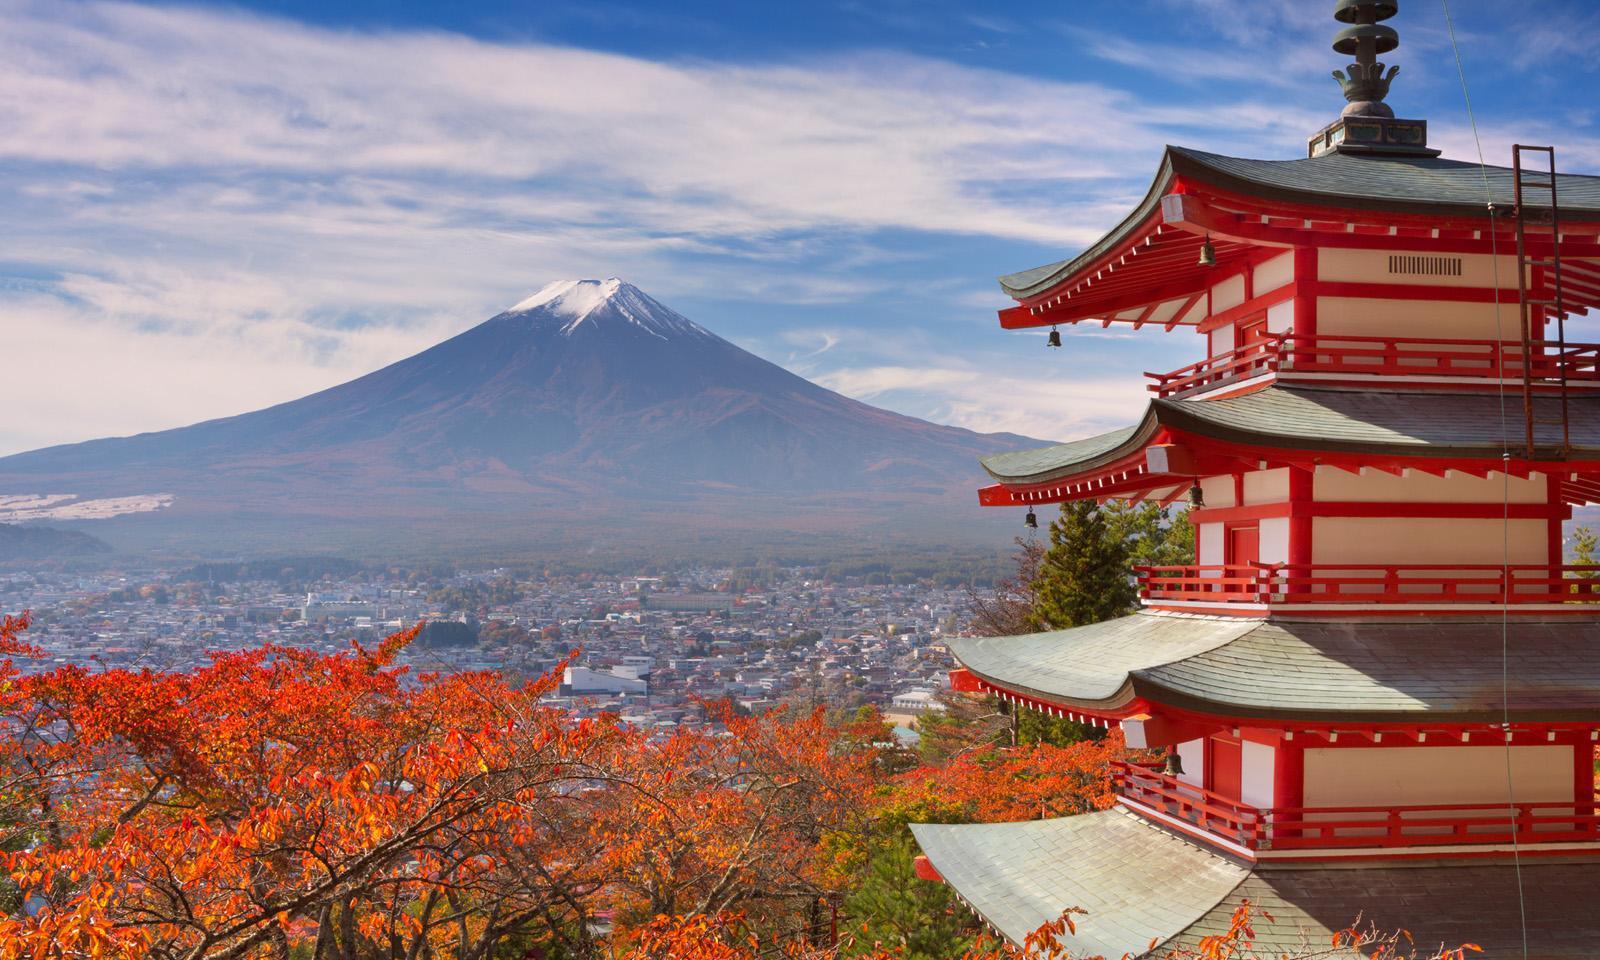 Dịch vụ chuyển phát nhanh đi Nhật Bản giá rẻ.